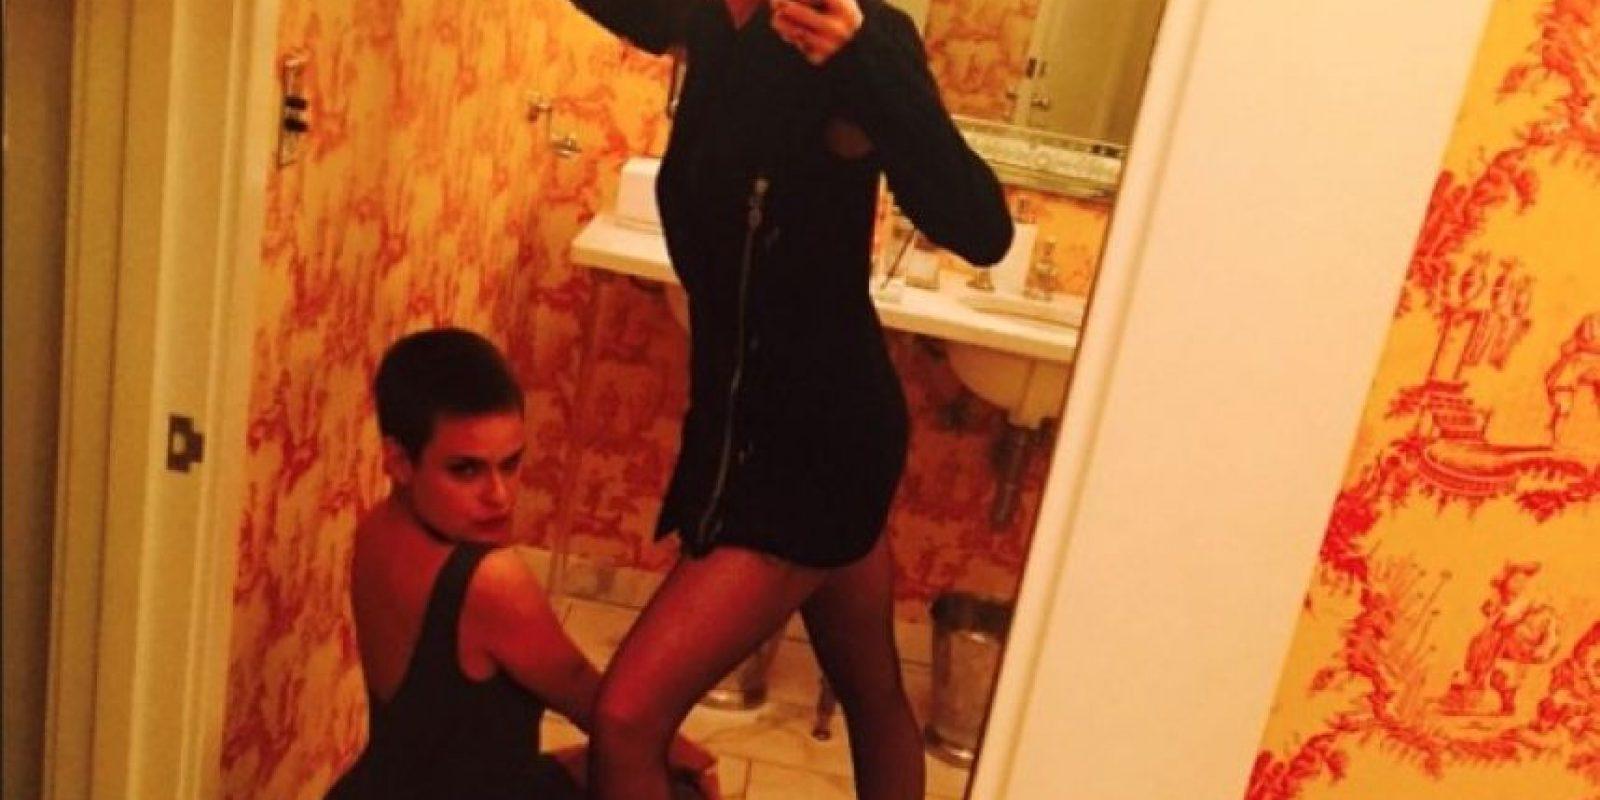 Tallulah y Miley y su selfie en el baño Foto:Instagram/mileycyrus